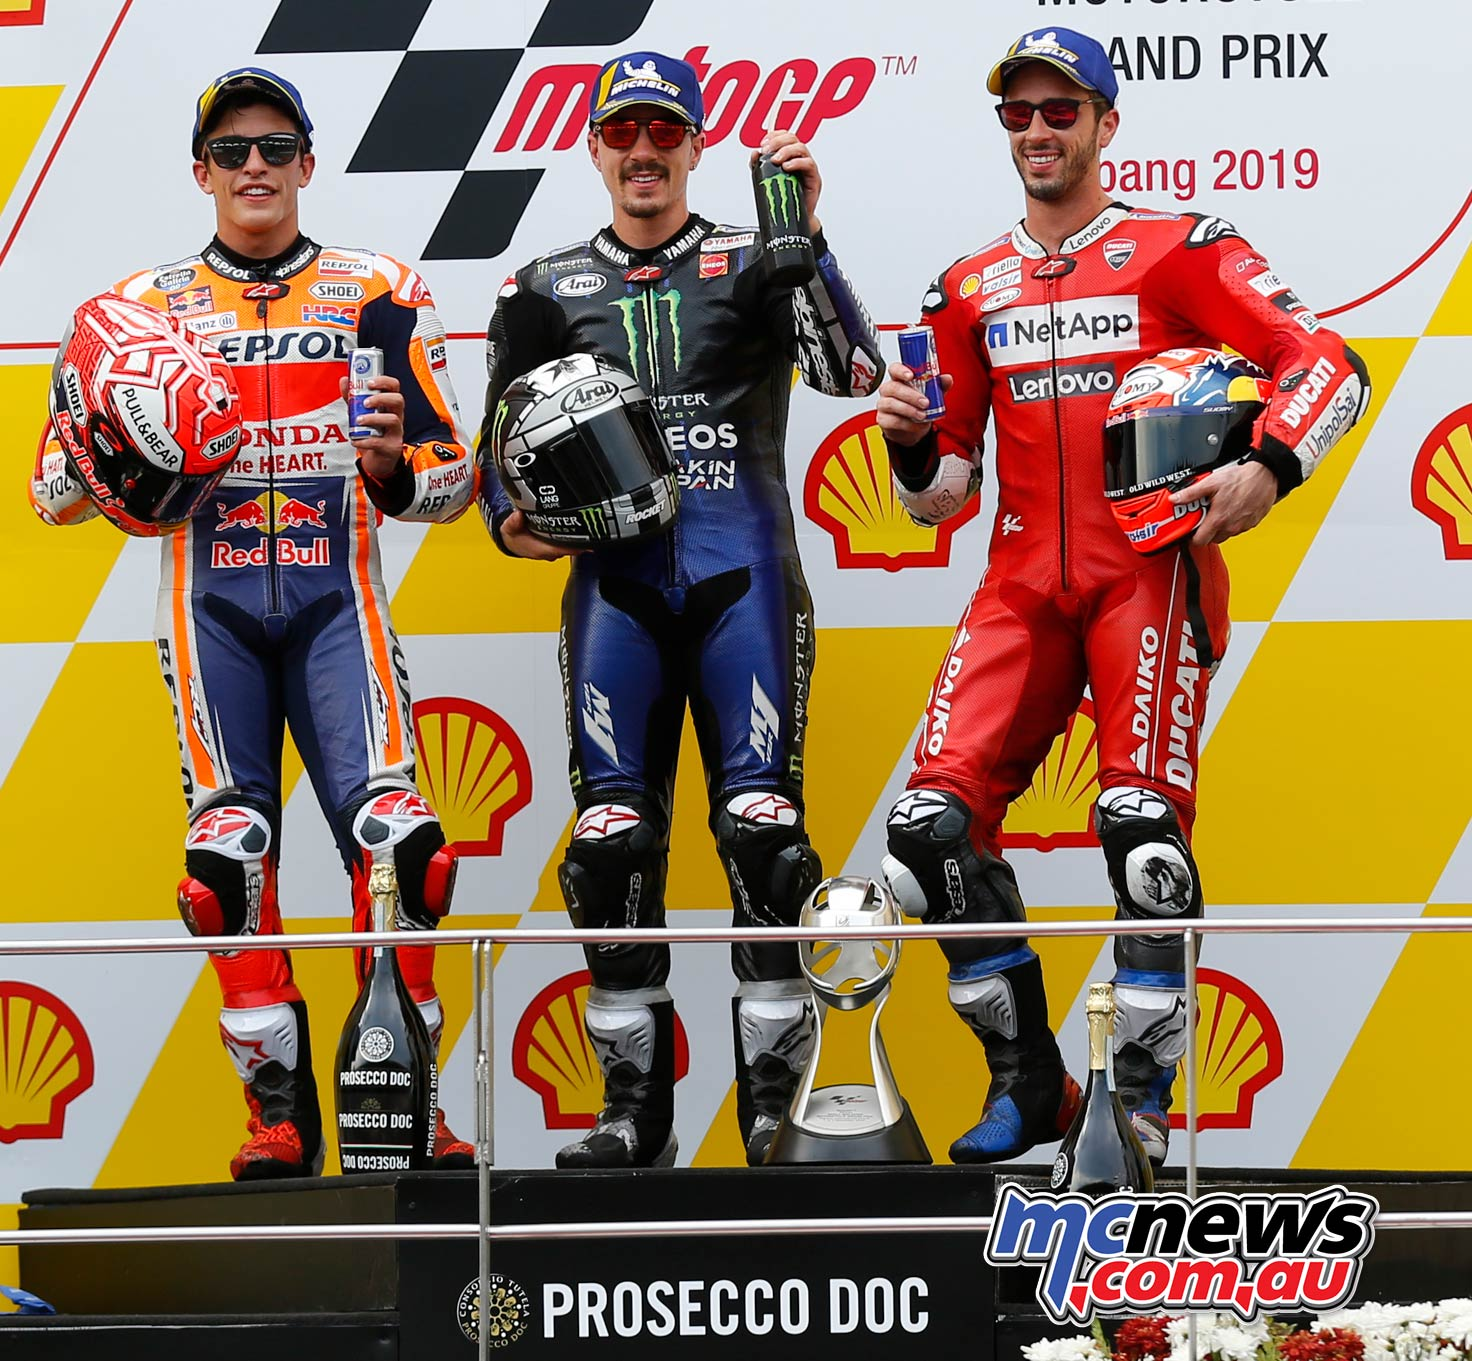 MotoGP Rnd Malaysia MotoGP Podium